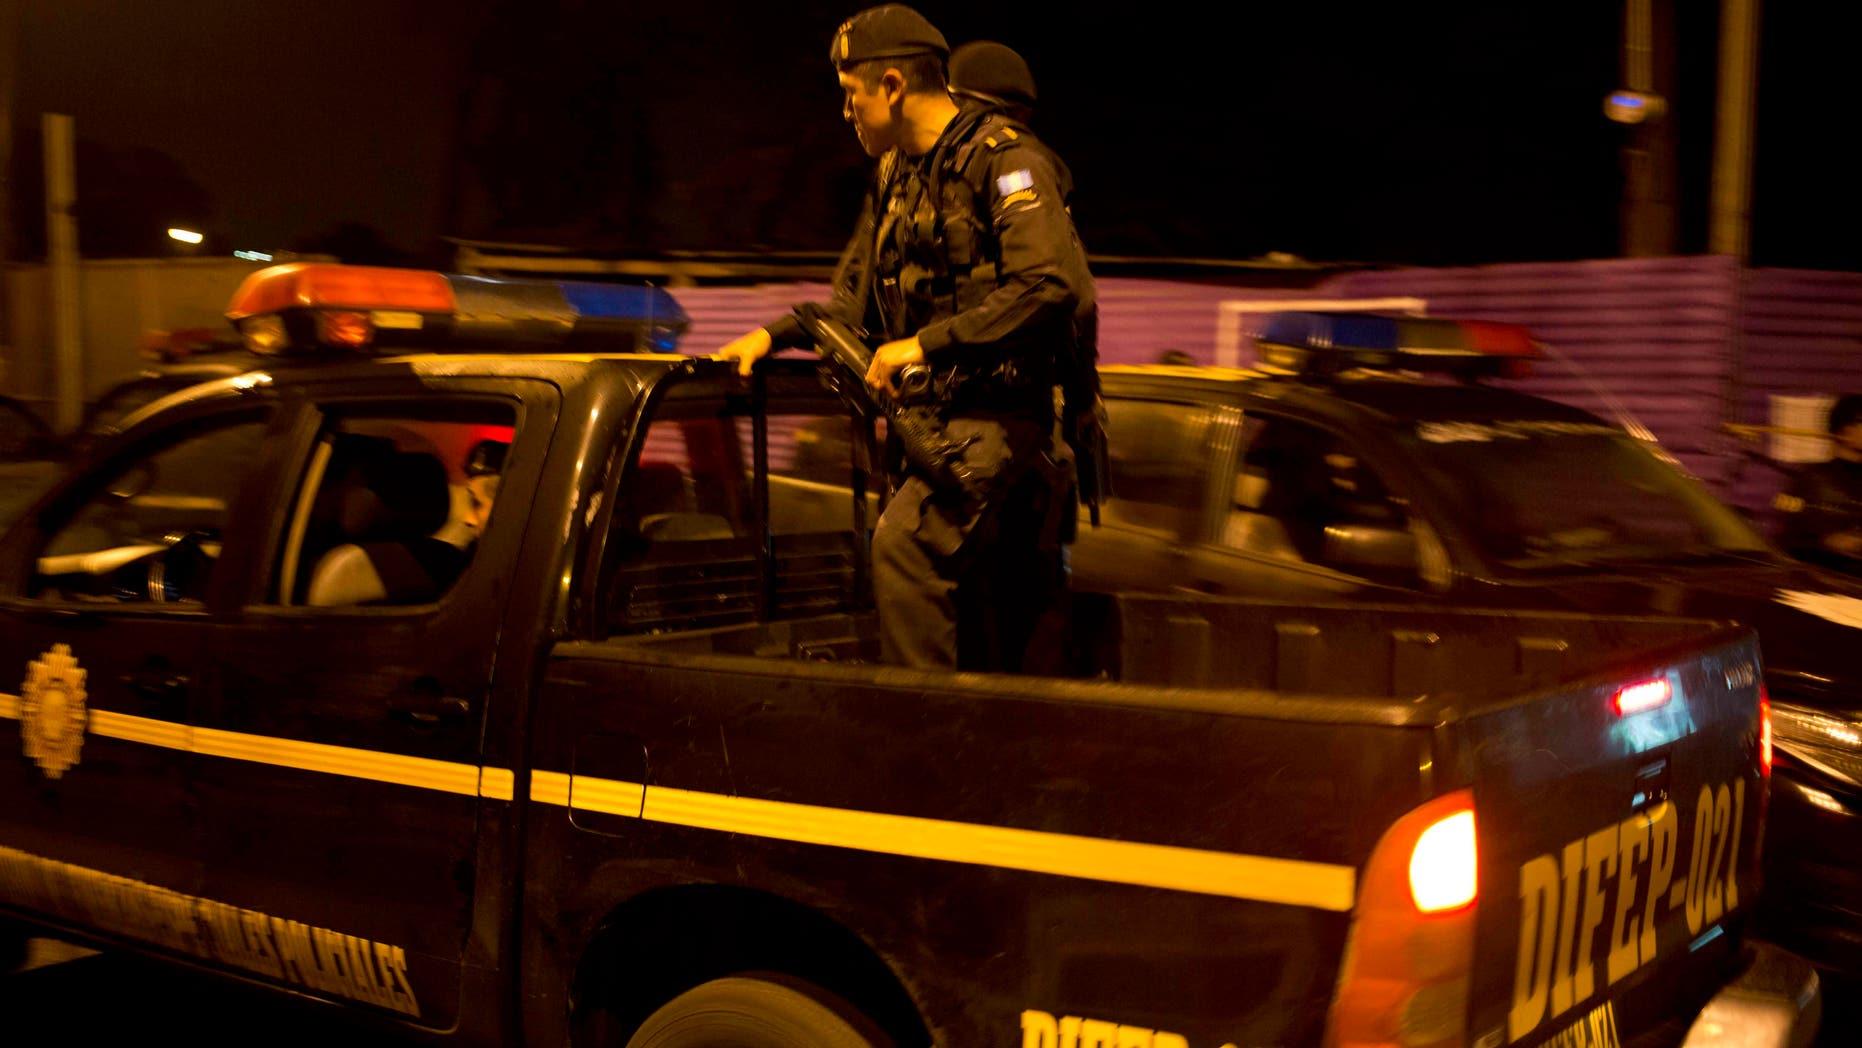 Agentes policiales patrullan cerca de la escena de un crimen en el barrio Guajitos, en las afueras de la ciudad de Guatemala, la madrugada del jueves 1 de octubre de 2015. Tres pandilleros murieron y al menos seis fueron detenidos durante un ataque simultáneo contra una estación policial y policías que realizaban patrullajes, de acuerdo con Elmer Sosa, viceministro de gobernación. (AP Foto/Moises Castillo)